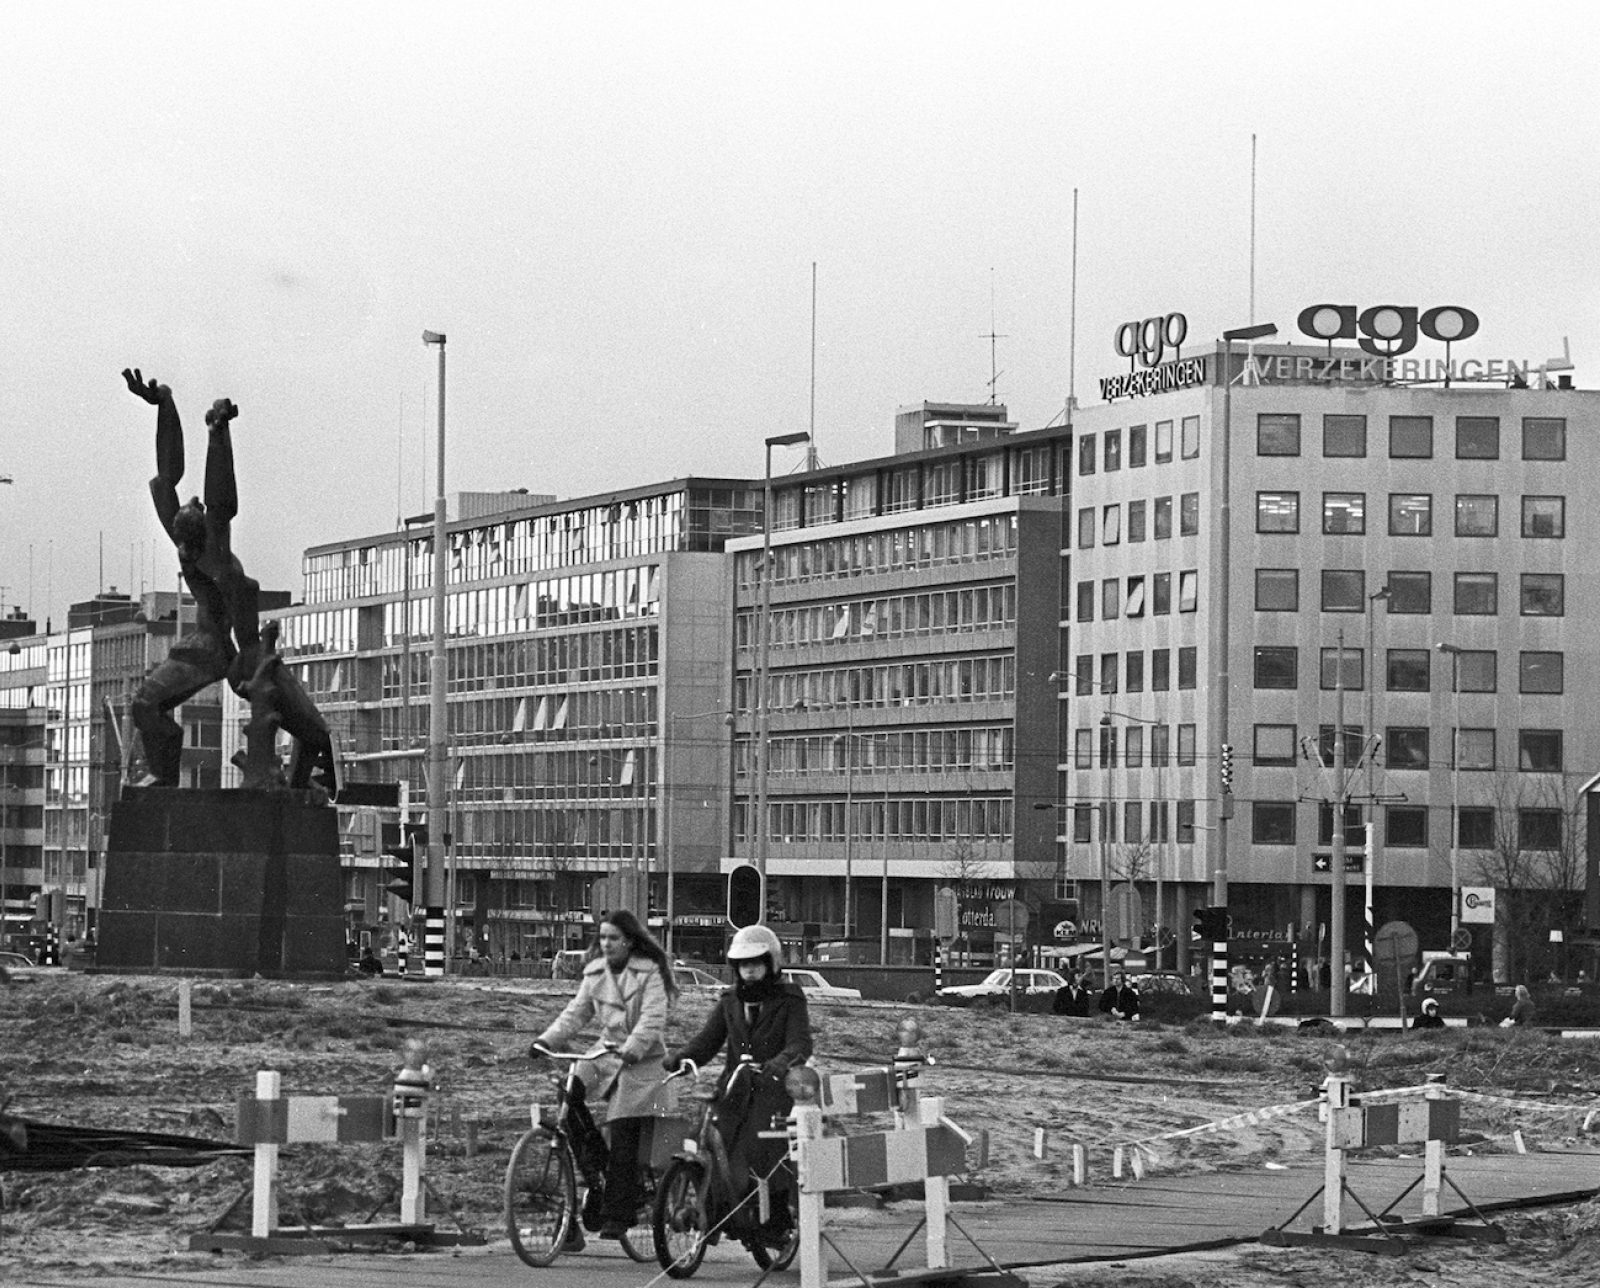 1976 1201 Zadkine en Westblaak Ld H NL Rt SA 4100 2005 6982 01crop